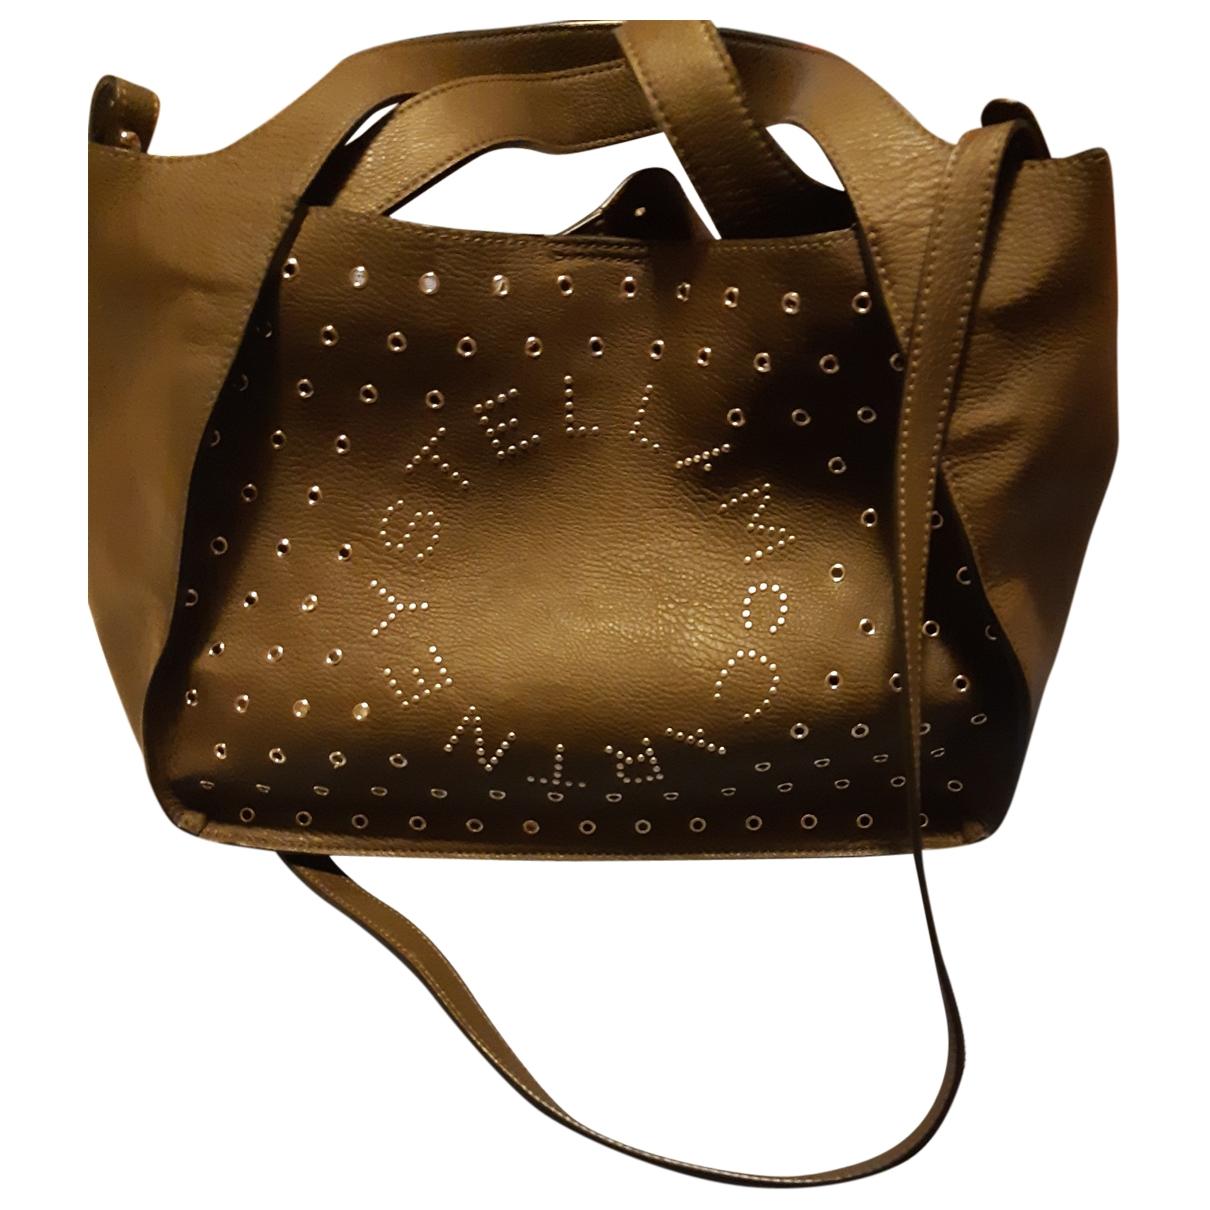 Stella Mccartney \N Handtasche in  Khaki Leinen